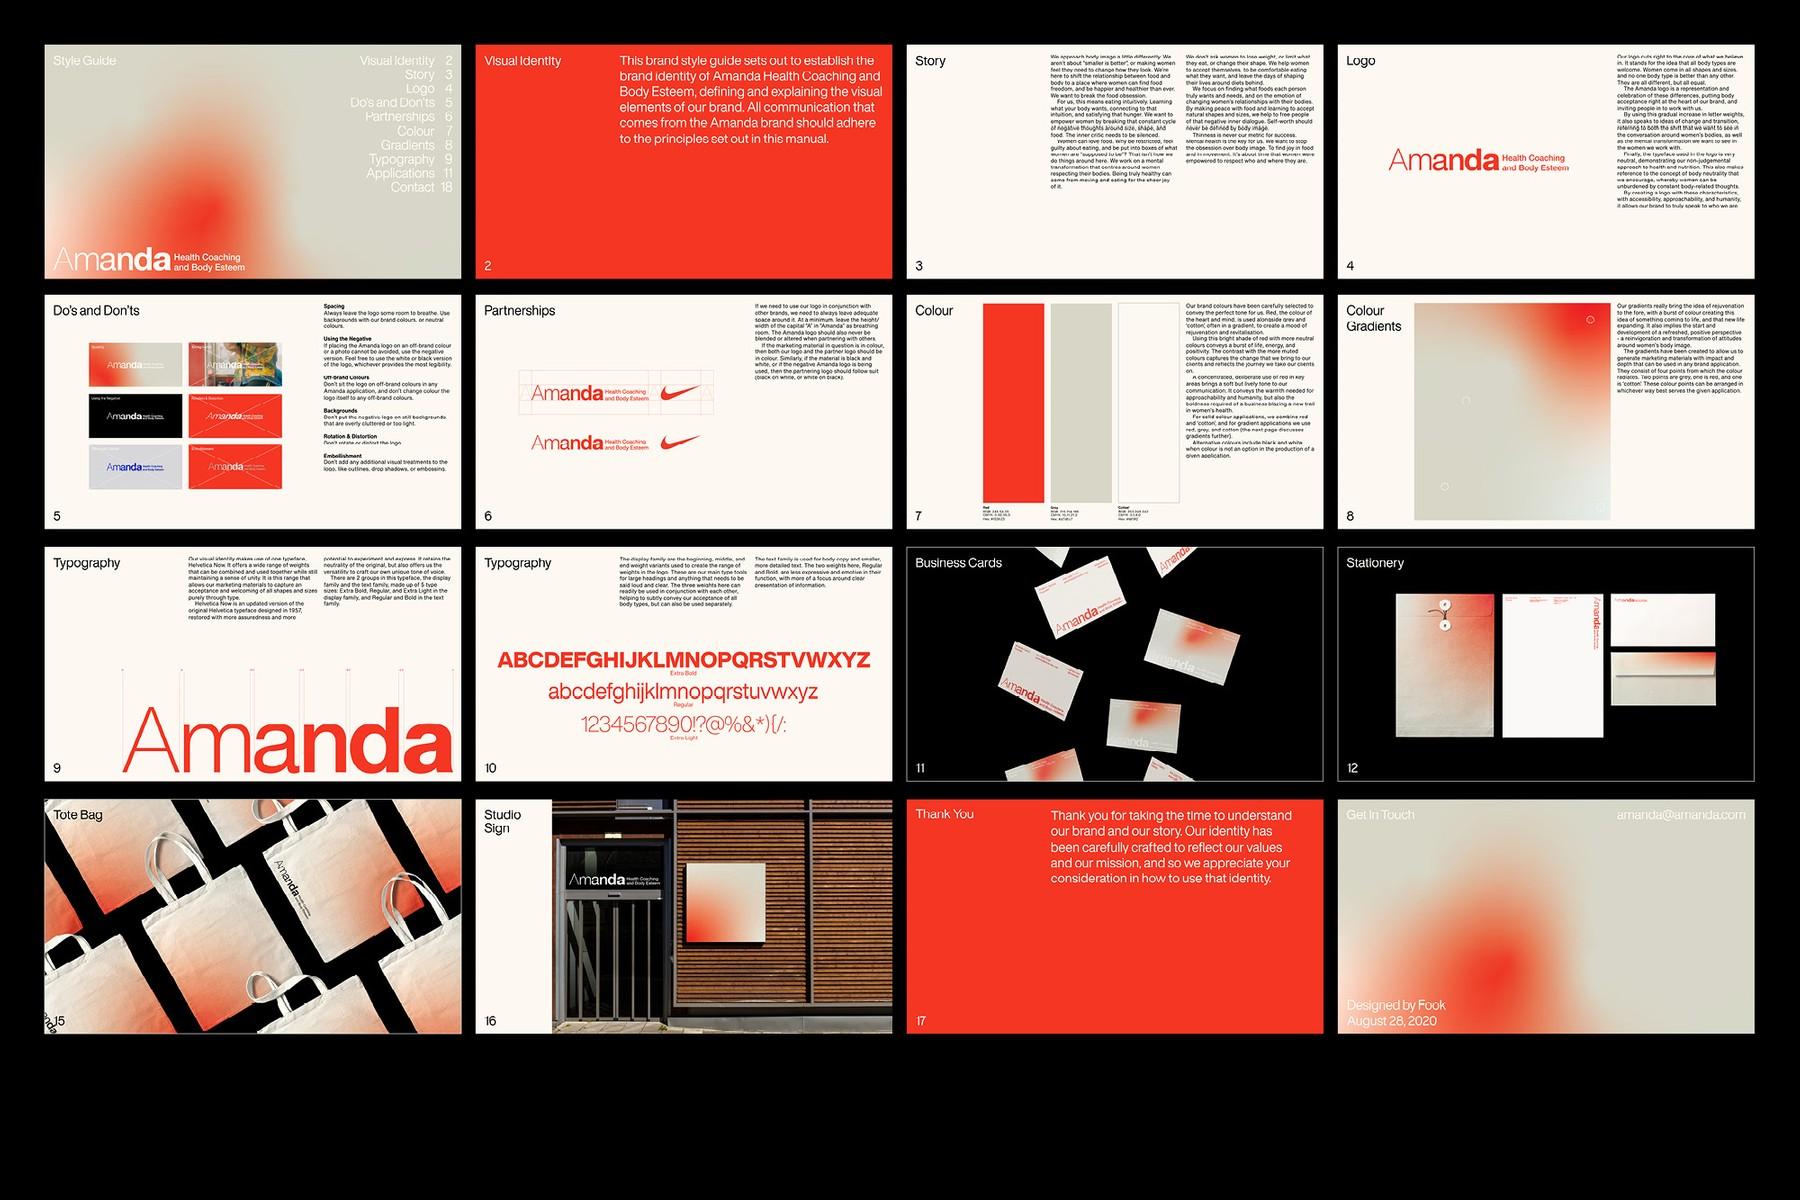 amandacairns_1.jpg